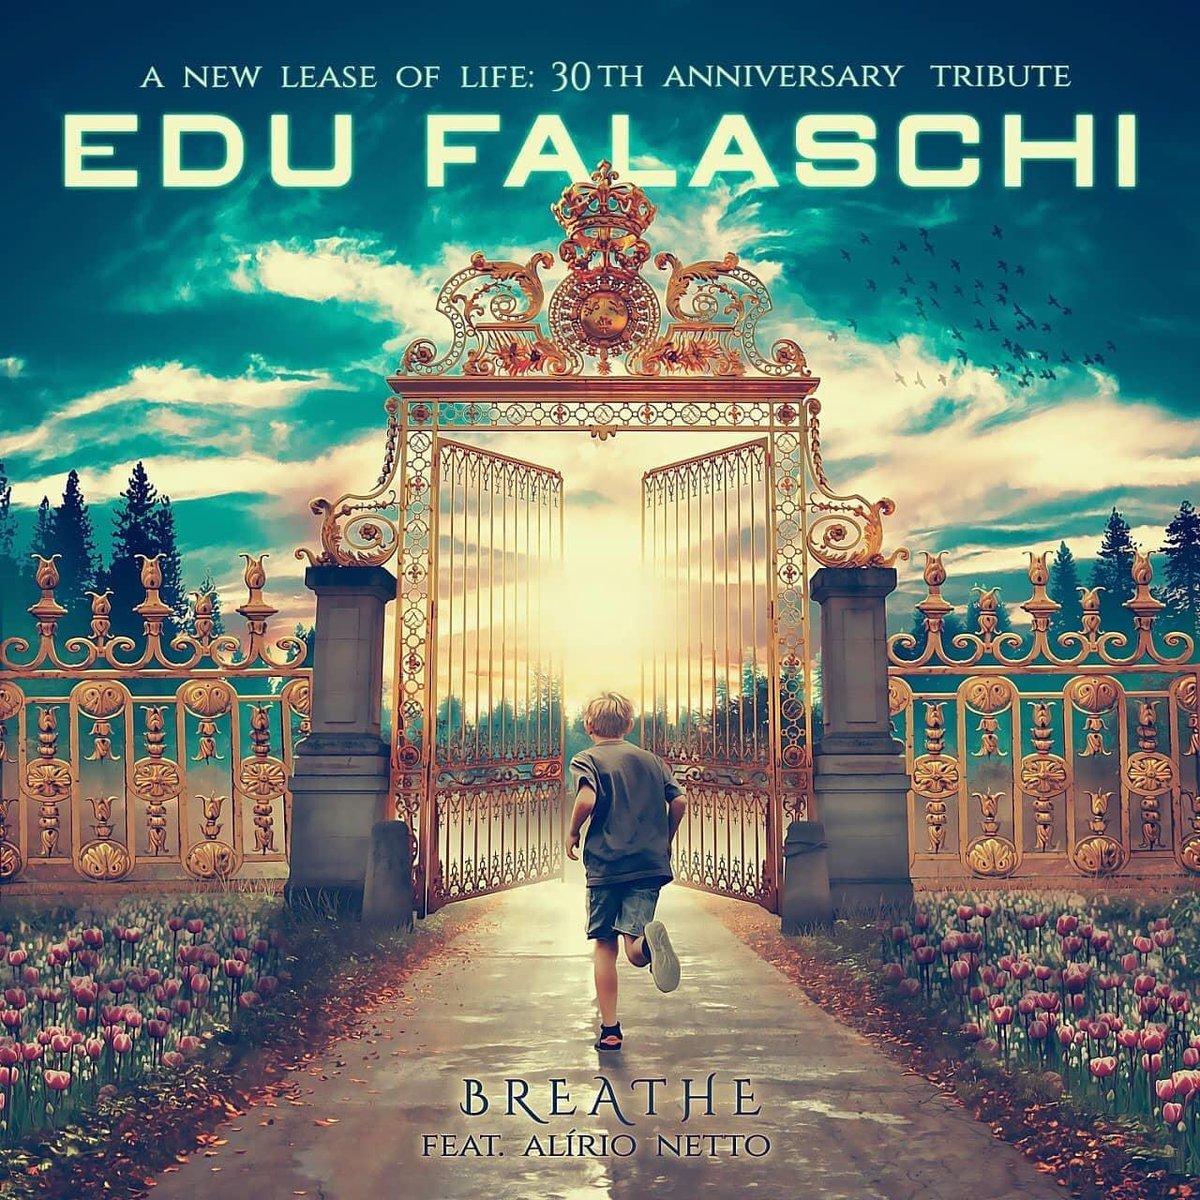 Belíssima a arte da capa do novo single do tributo ao #EduFalaschi  A música estará disponível nas plataformas digitais no dia 12 de junho. pic.twitter.com/27sNzryurF